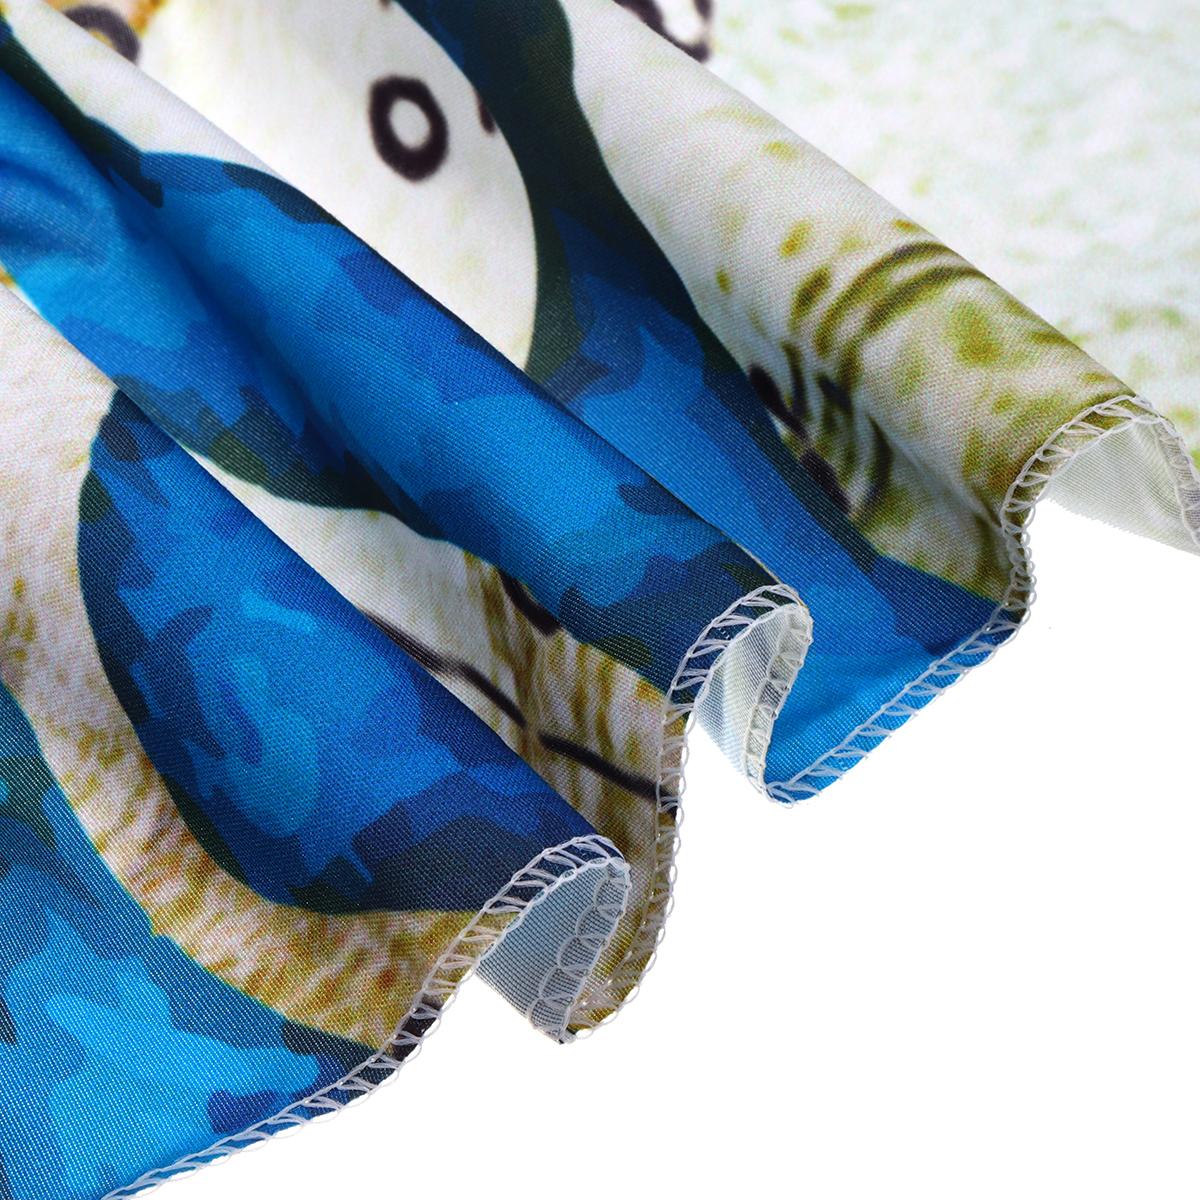 МорскаяЧерепахаПодвеснойГобеленСтеныДома Декоративные Tapete Спальня Одеяло Скатерть Yoga Мат - фото 9